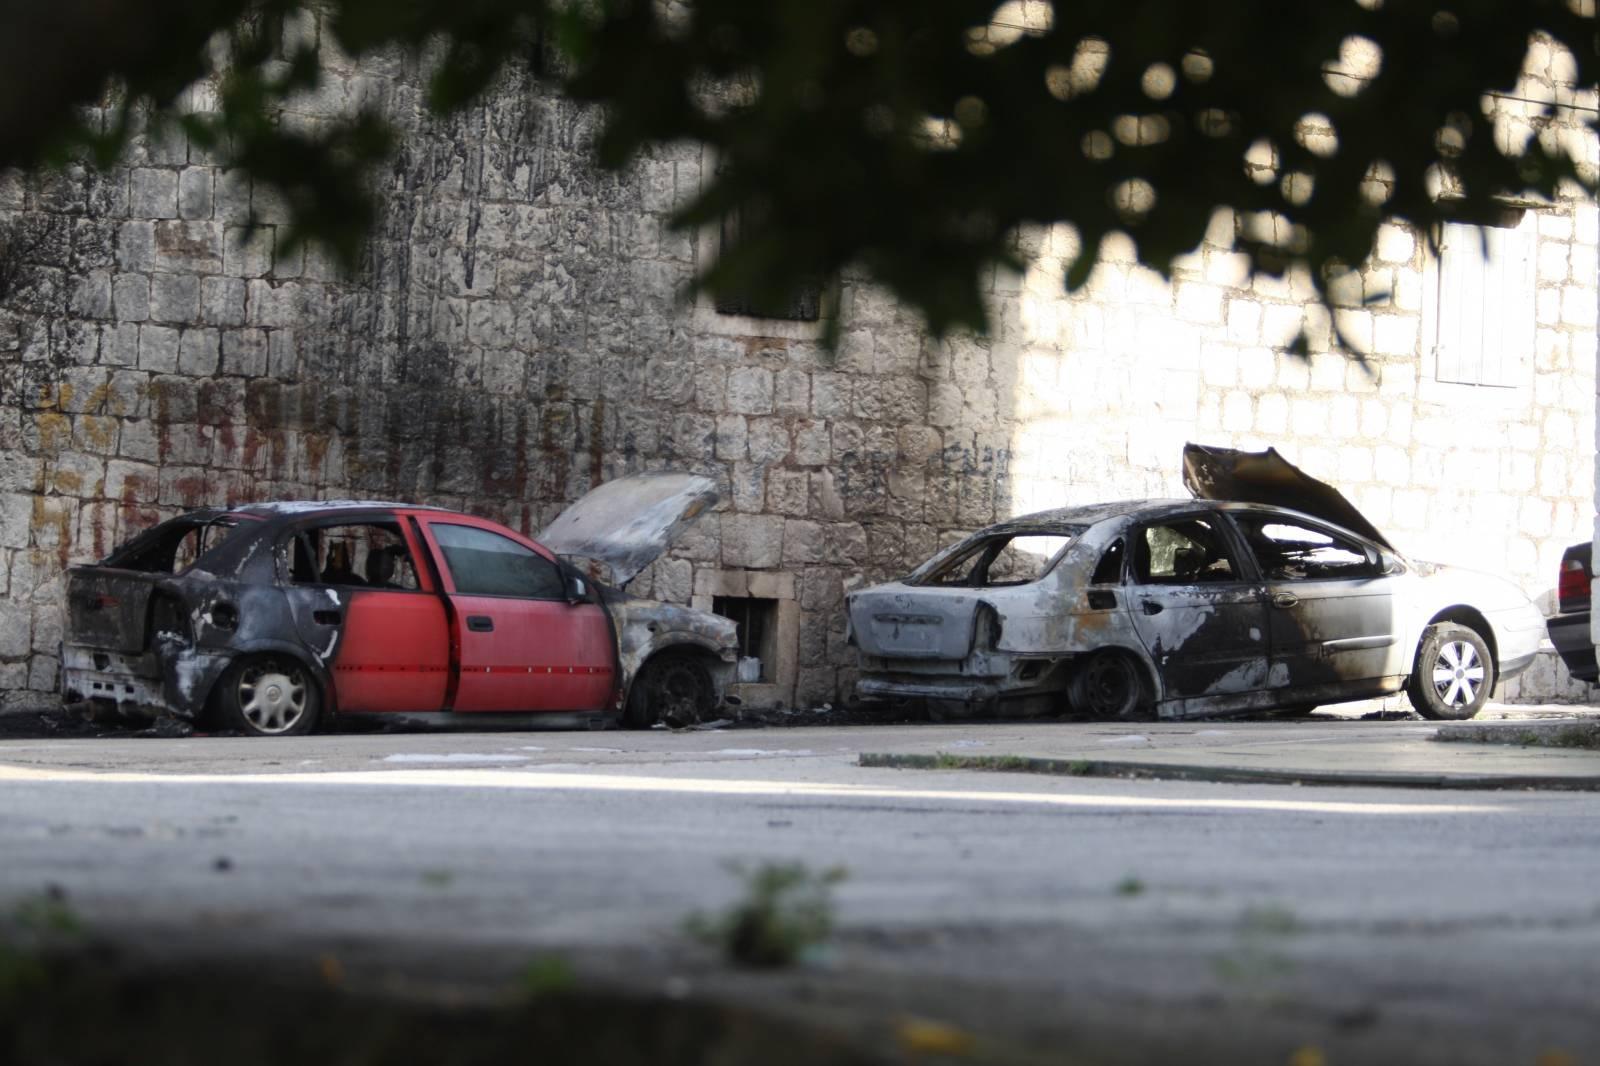 Nedaleko od pošte u Kaštel Sućurcu u potpunosti izgorjela dva automobila